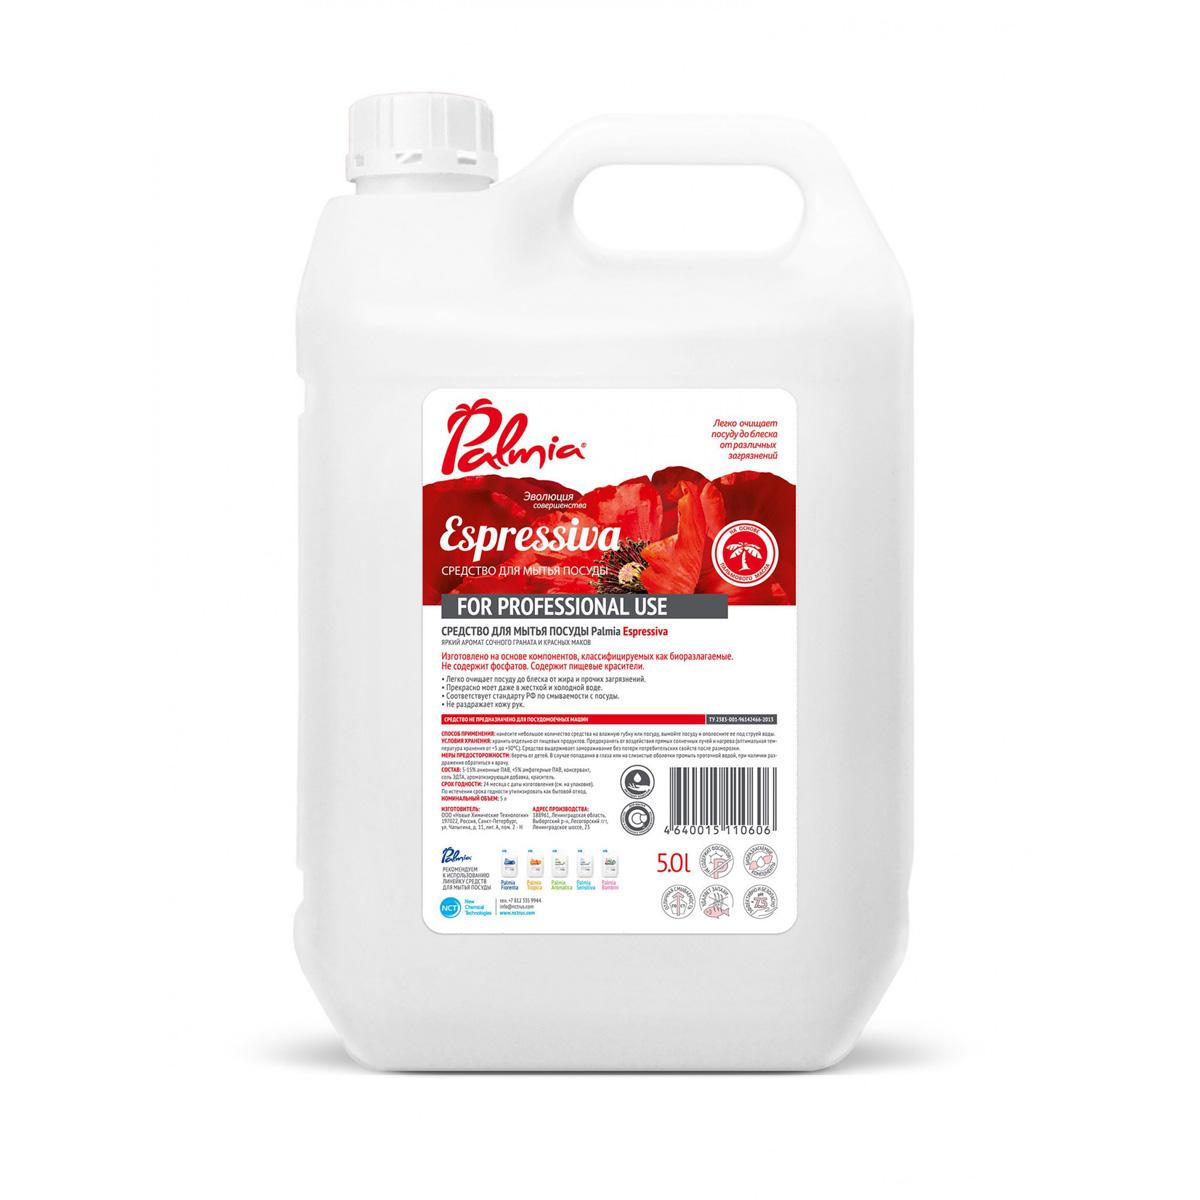 Гель для мытья посуды Palmia Espressiva, с ароматом красных маков и граната, 5 л4640015110606Гель для мытья посуды c ароматом красных маков и граната. Отлично смывает любые загрязнения , смывает трудновыводимые запахи. Полностью смывается при ополаскивании. Продукт полностью биоразлагаем.